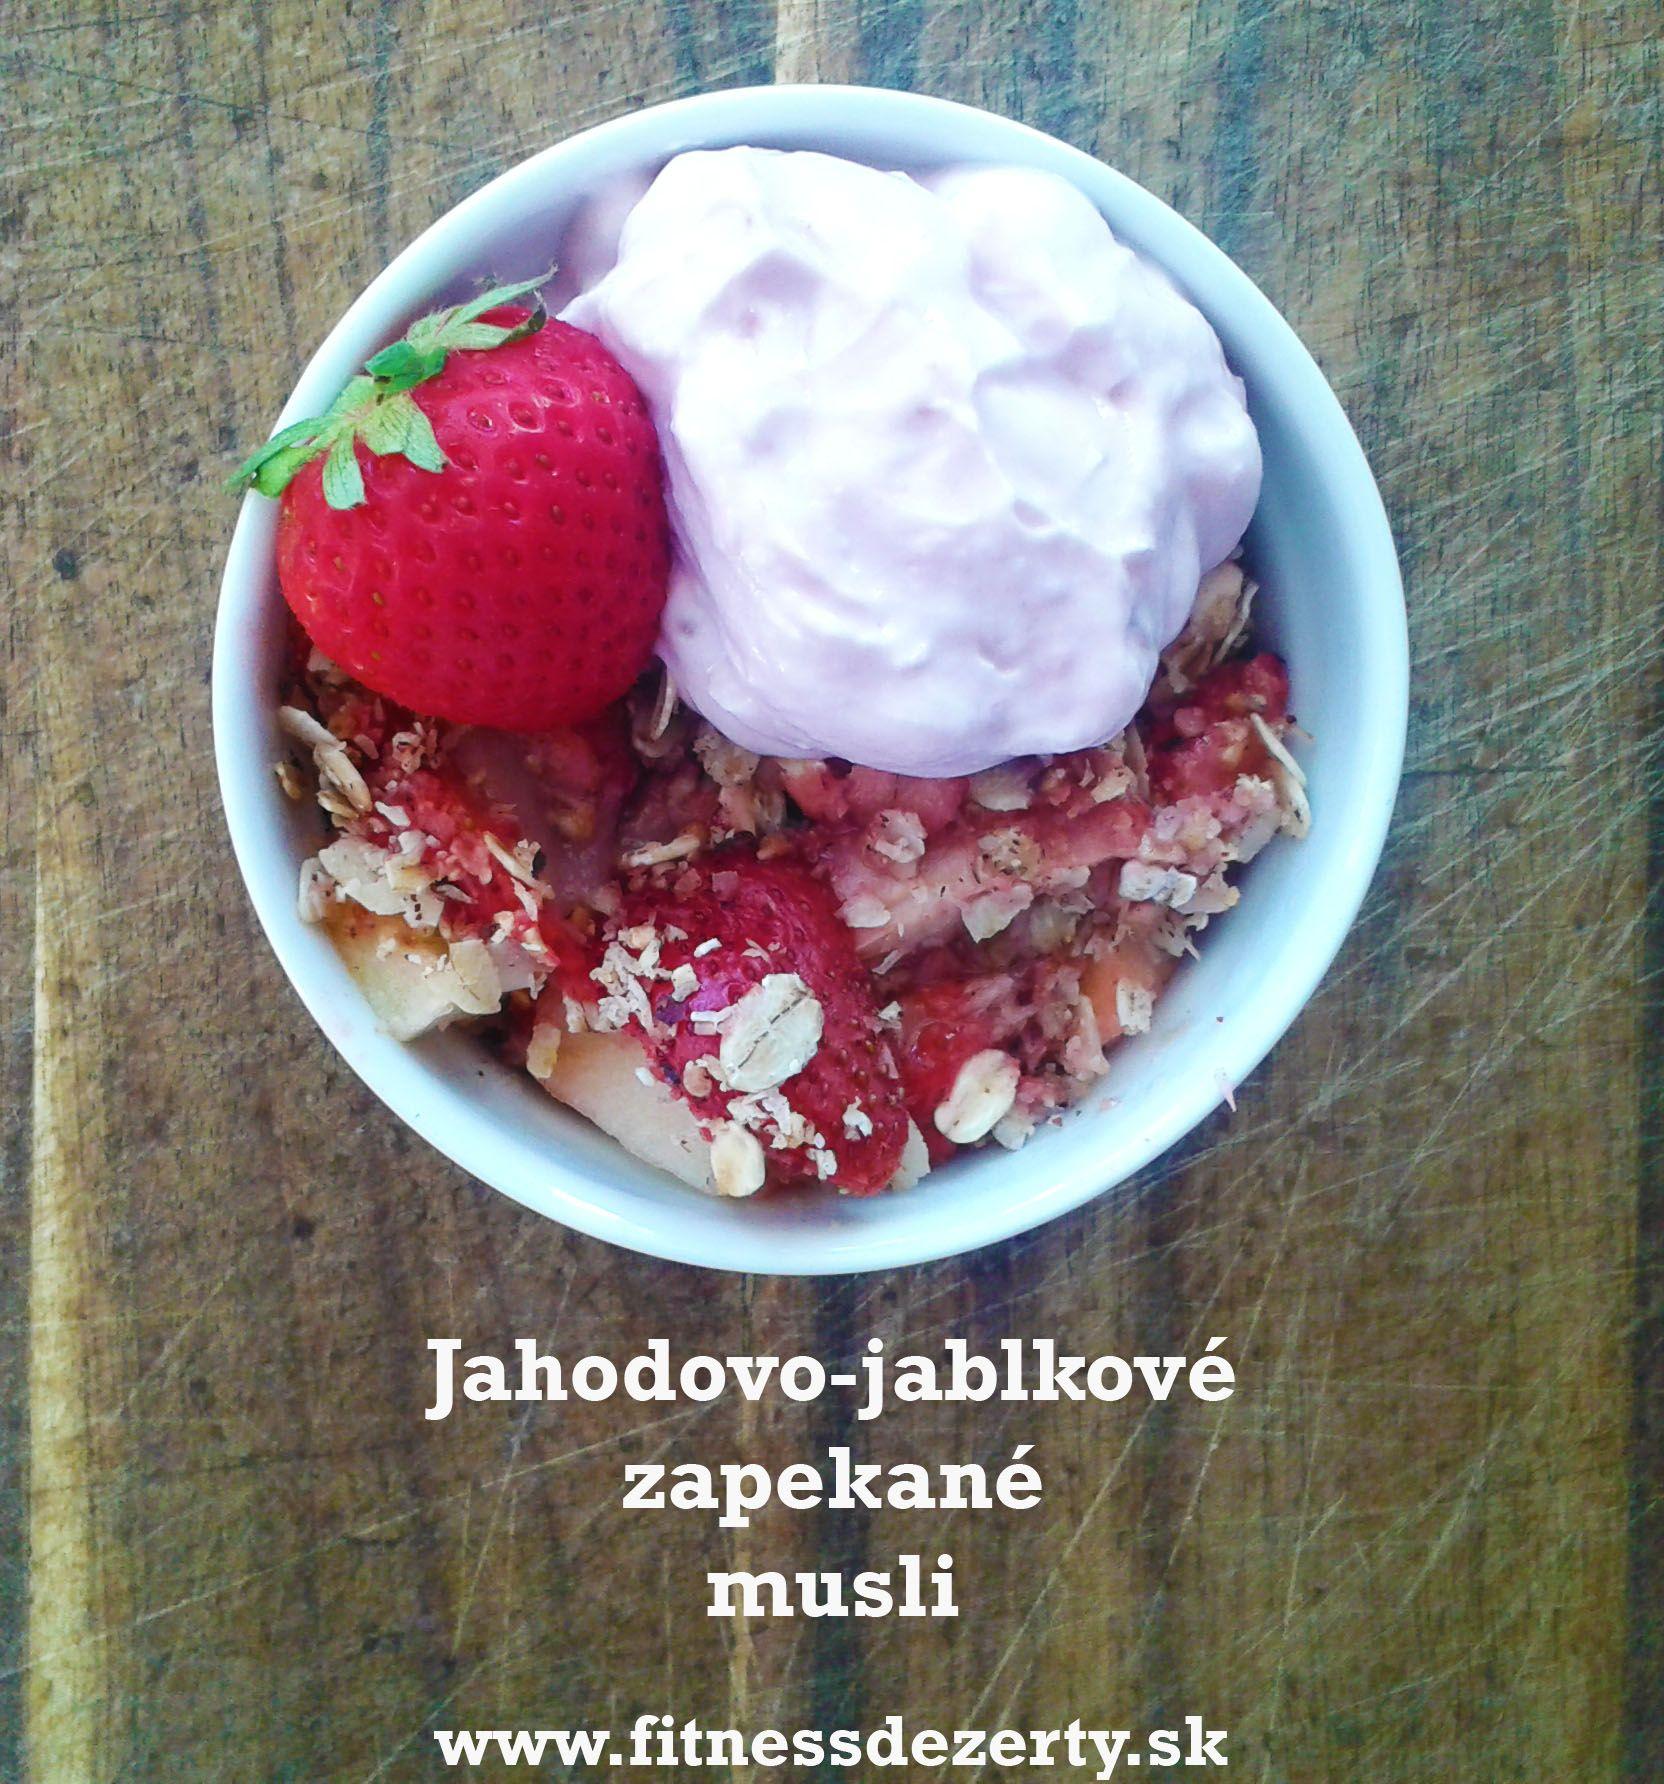 Vynikajúce zapečené ovocie s ovsenými vločkami - zdravé fitness raňajky, desiata, dezert, pre deti... recept na www.fitnessdezerty.sk